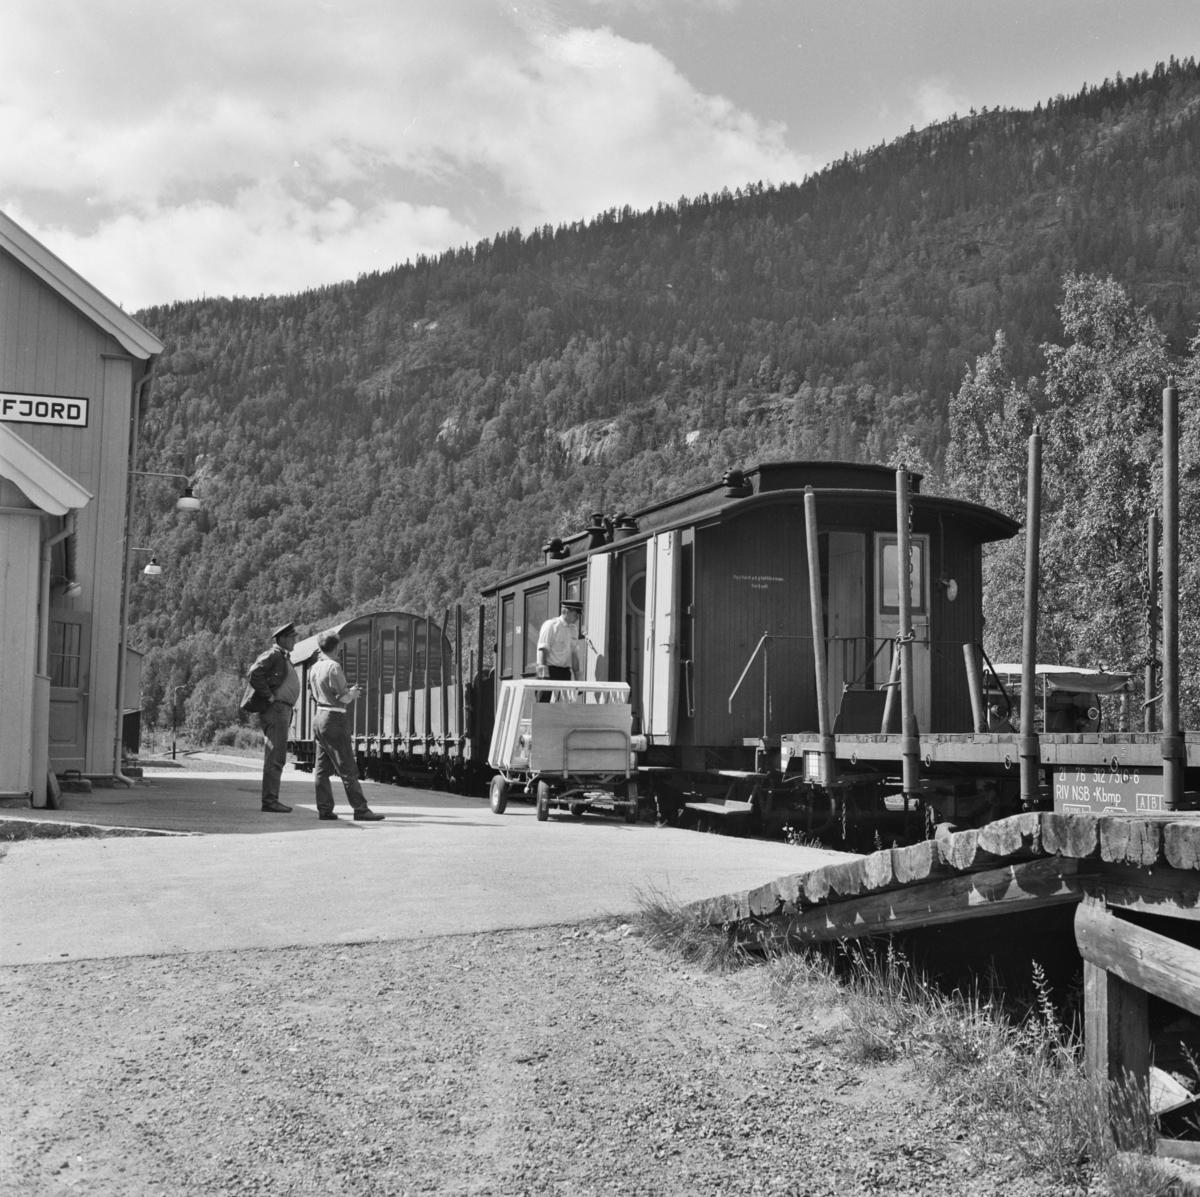 Lossing og lasting av stykkgods på godstog 5397 på Norefjord stasjon.